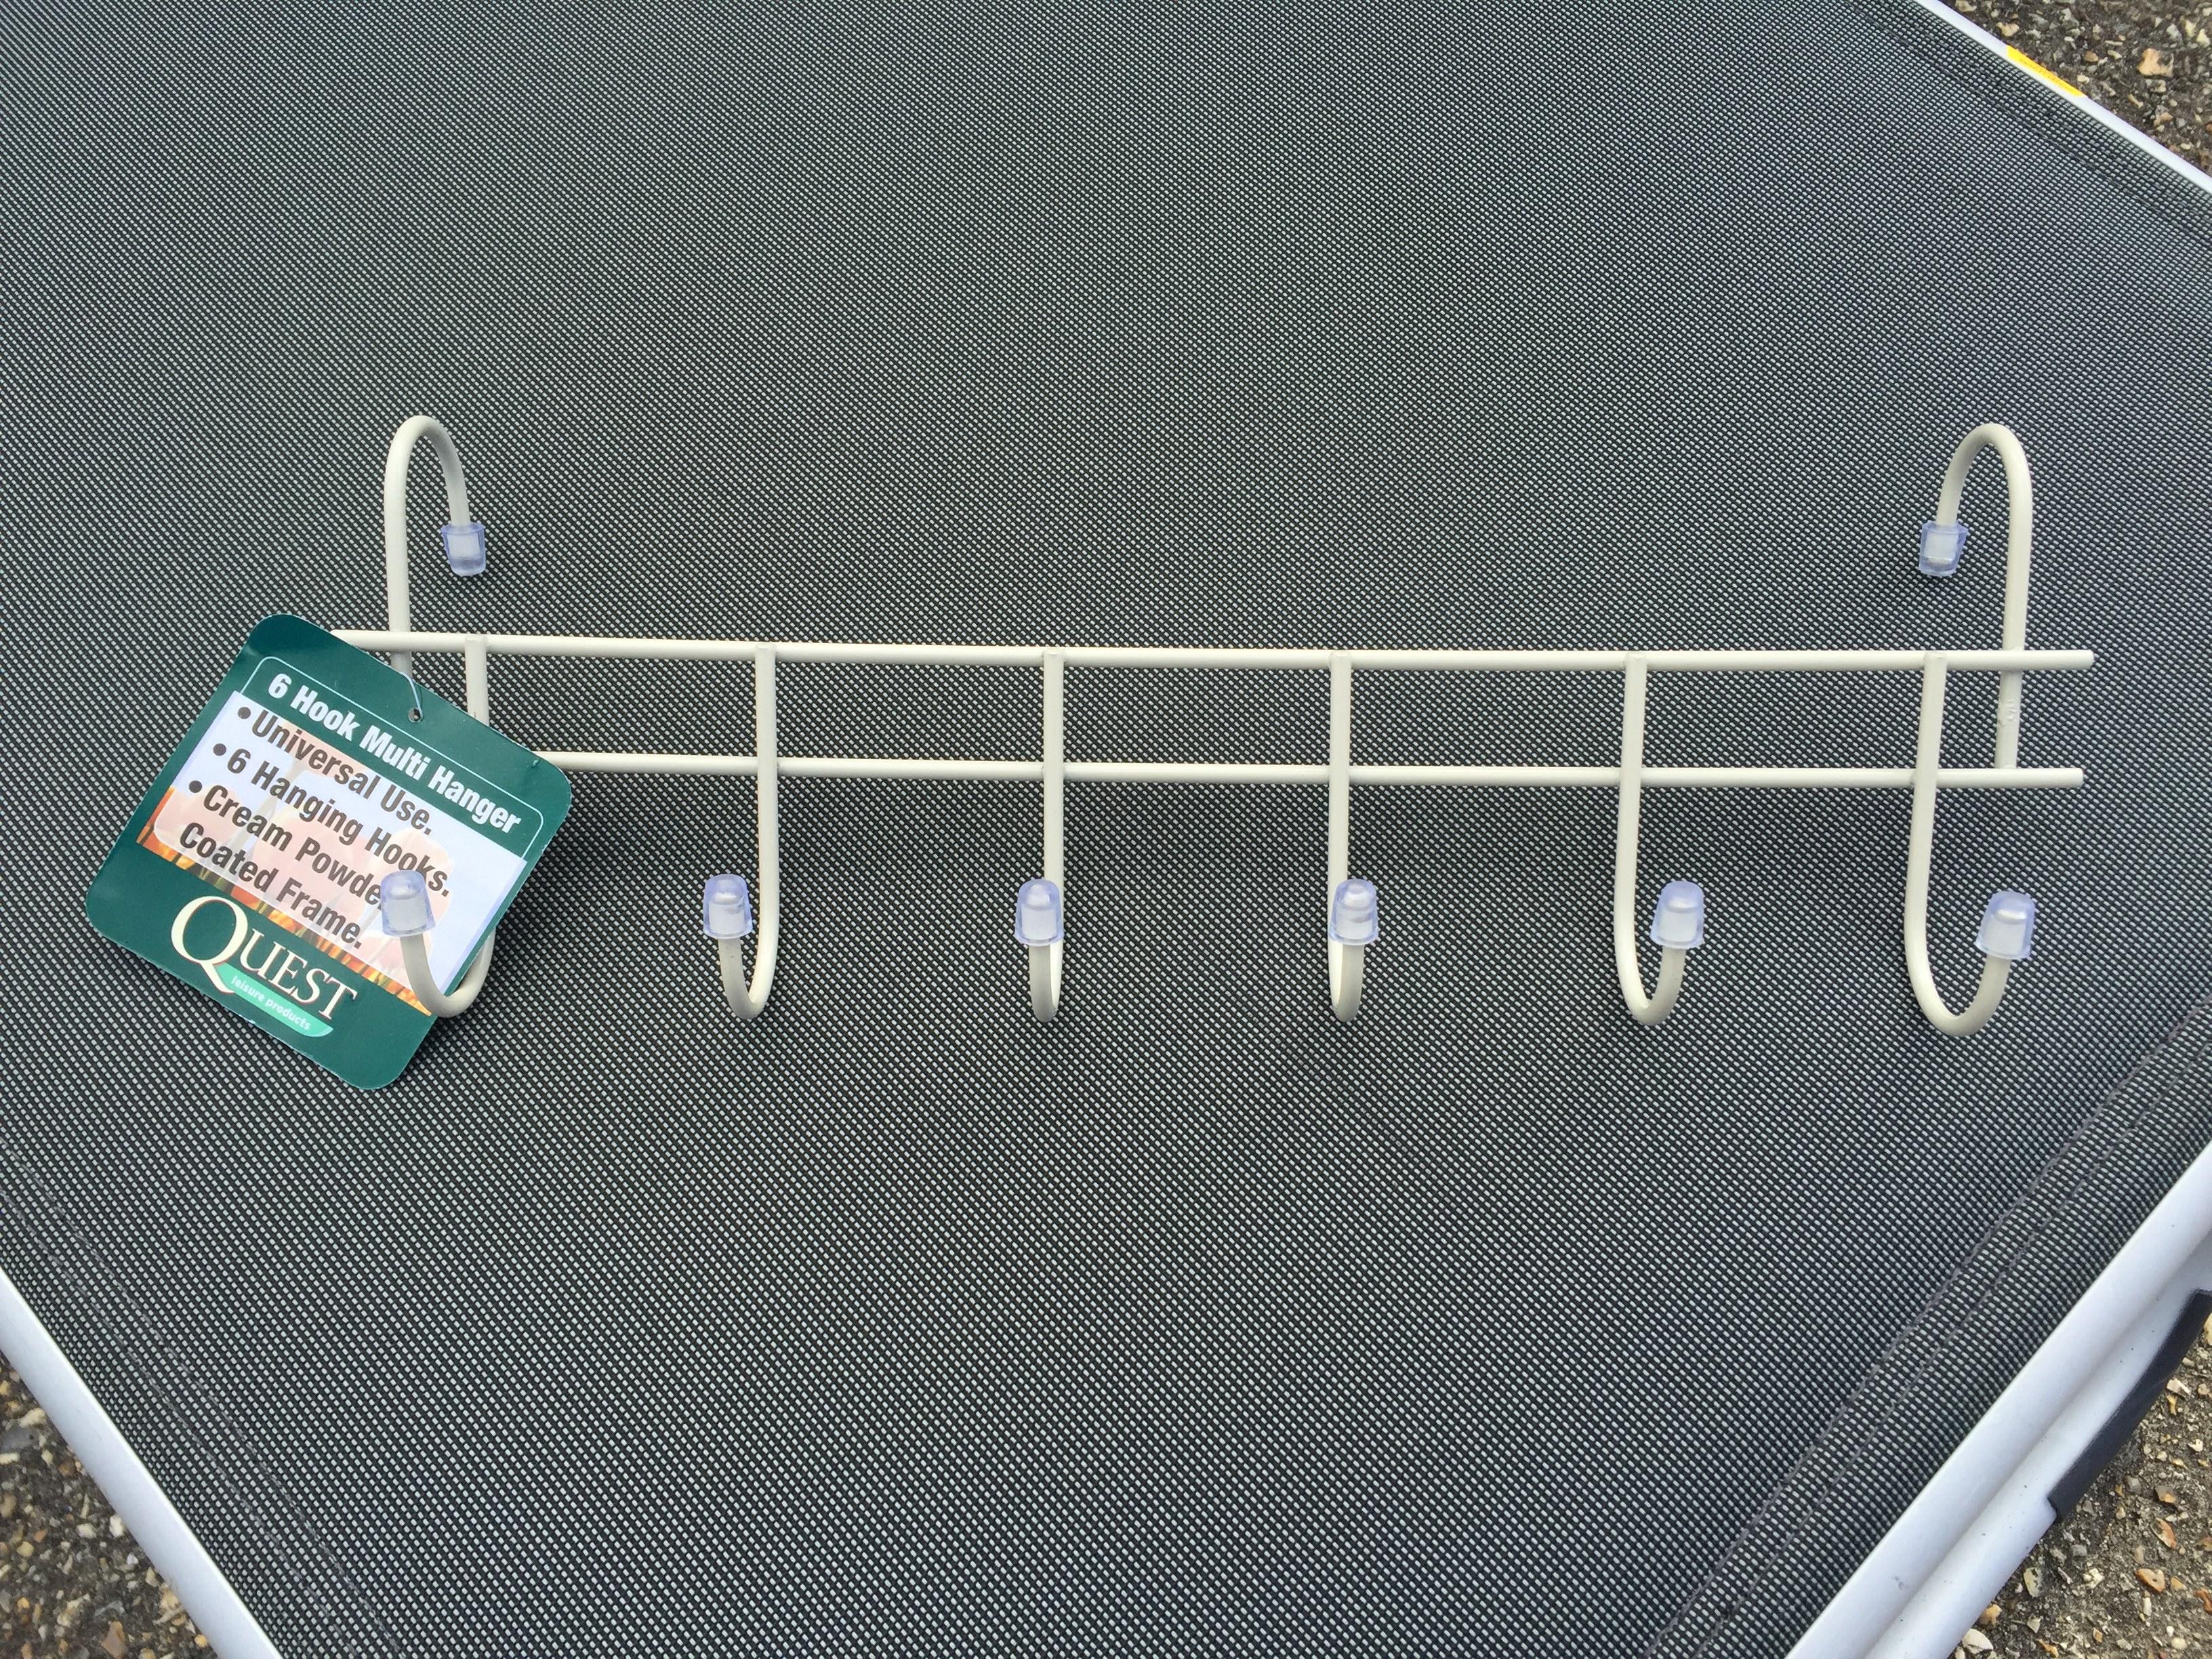 Quest Hanger